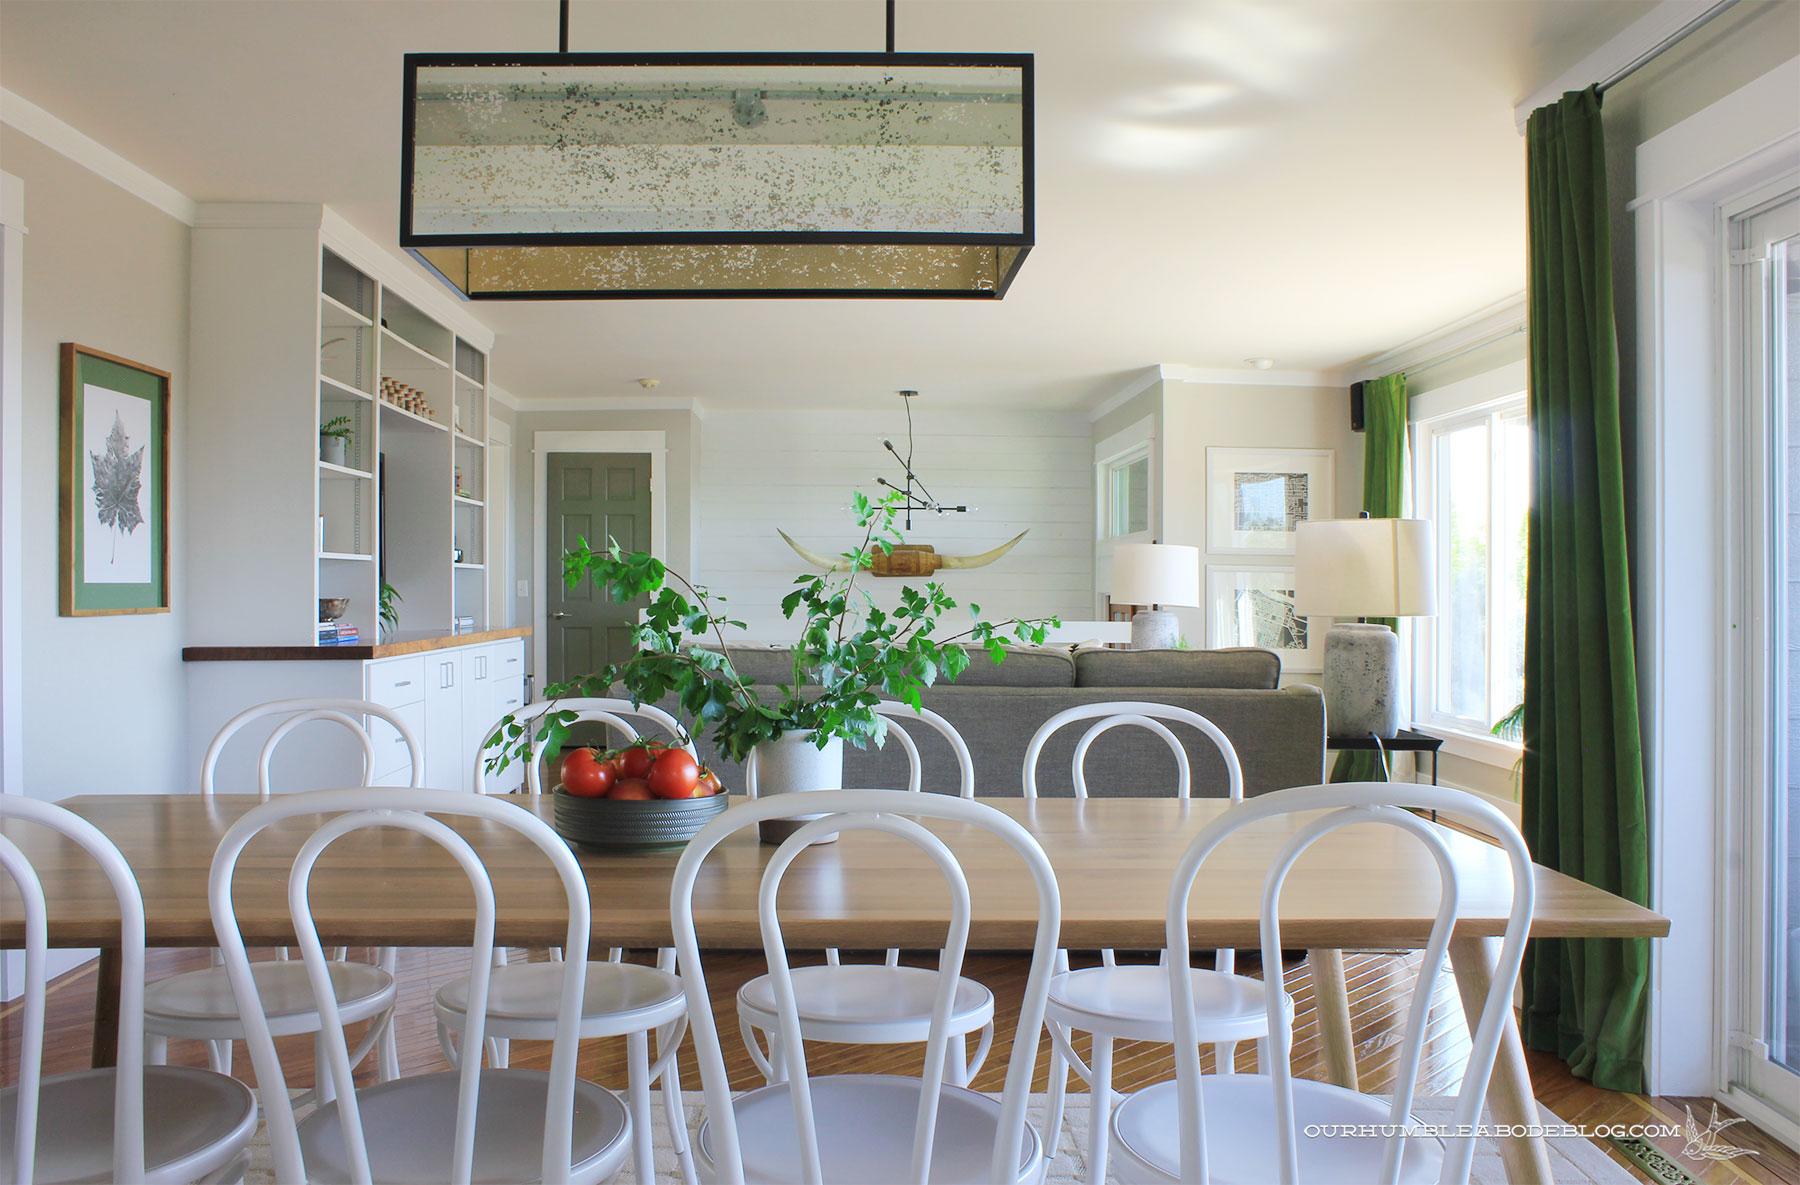 Seno-Dining-Table-Toward-Entry-Horixontal